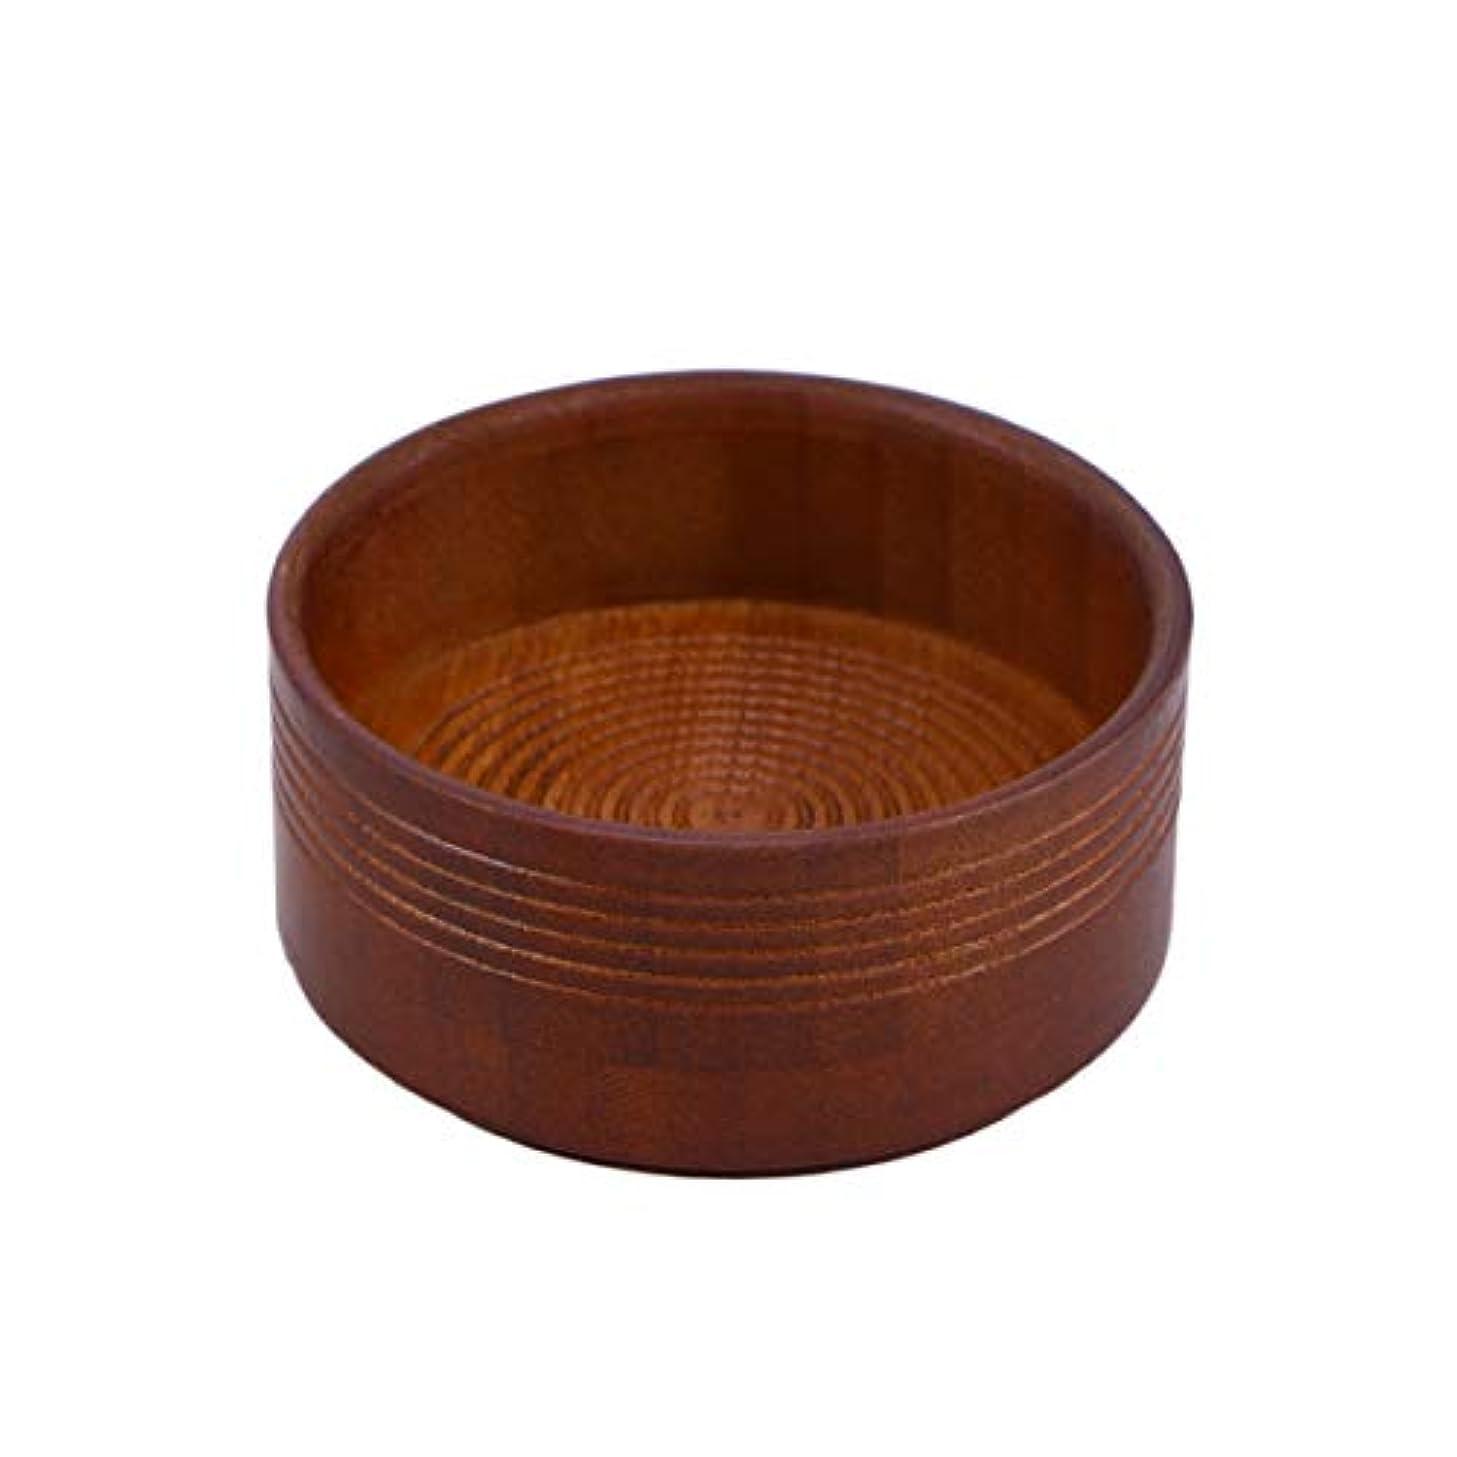 アカウントガイドライン選択SUPVOX 男性用木製シェービングブラシボウルシェービングクリームソープマグコンテナ